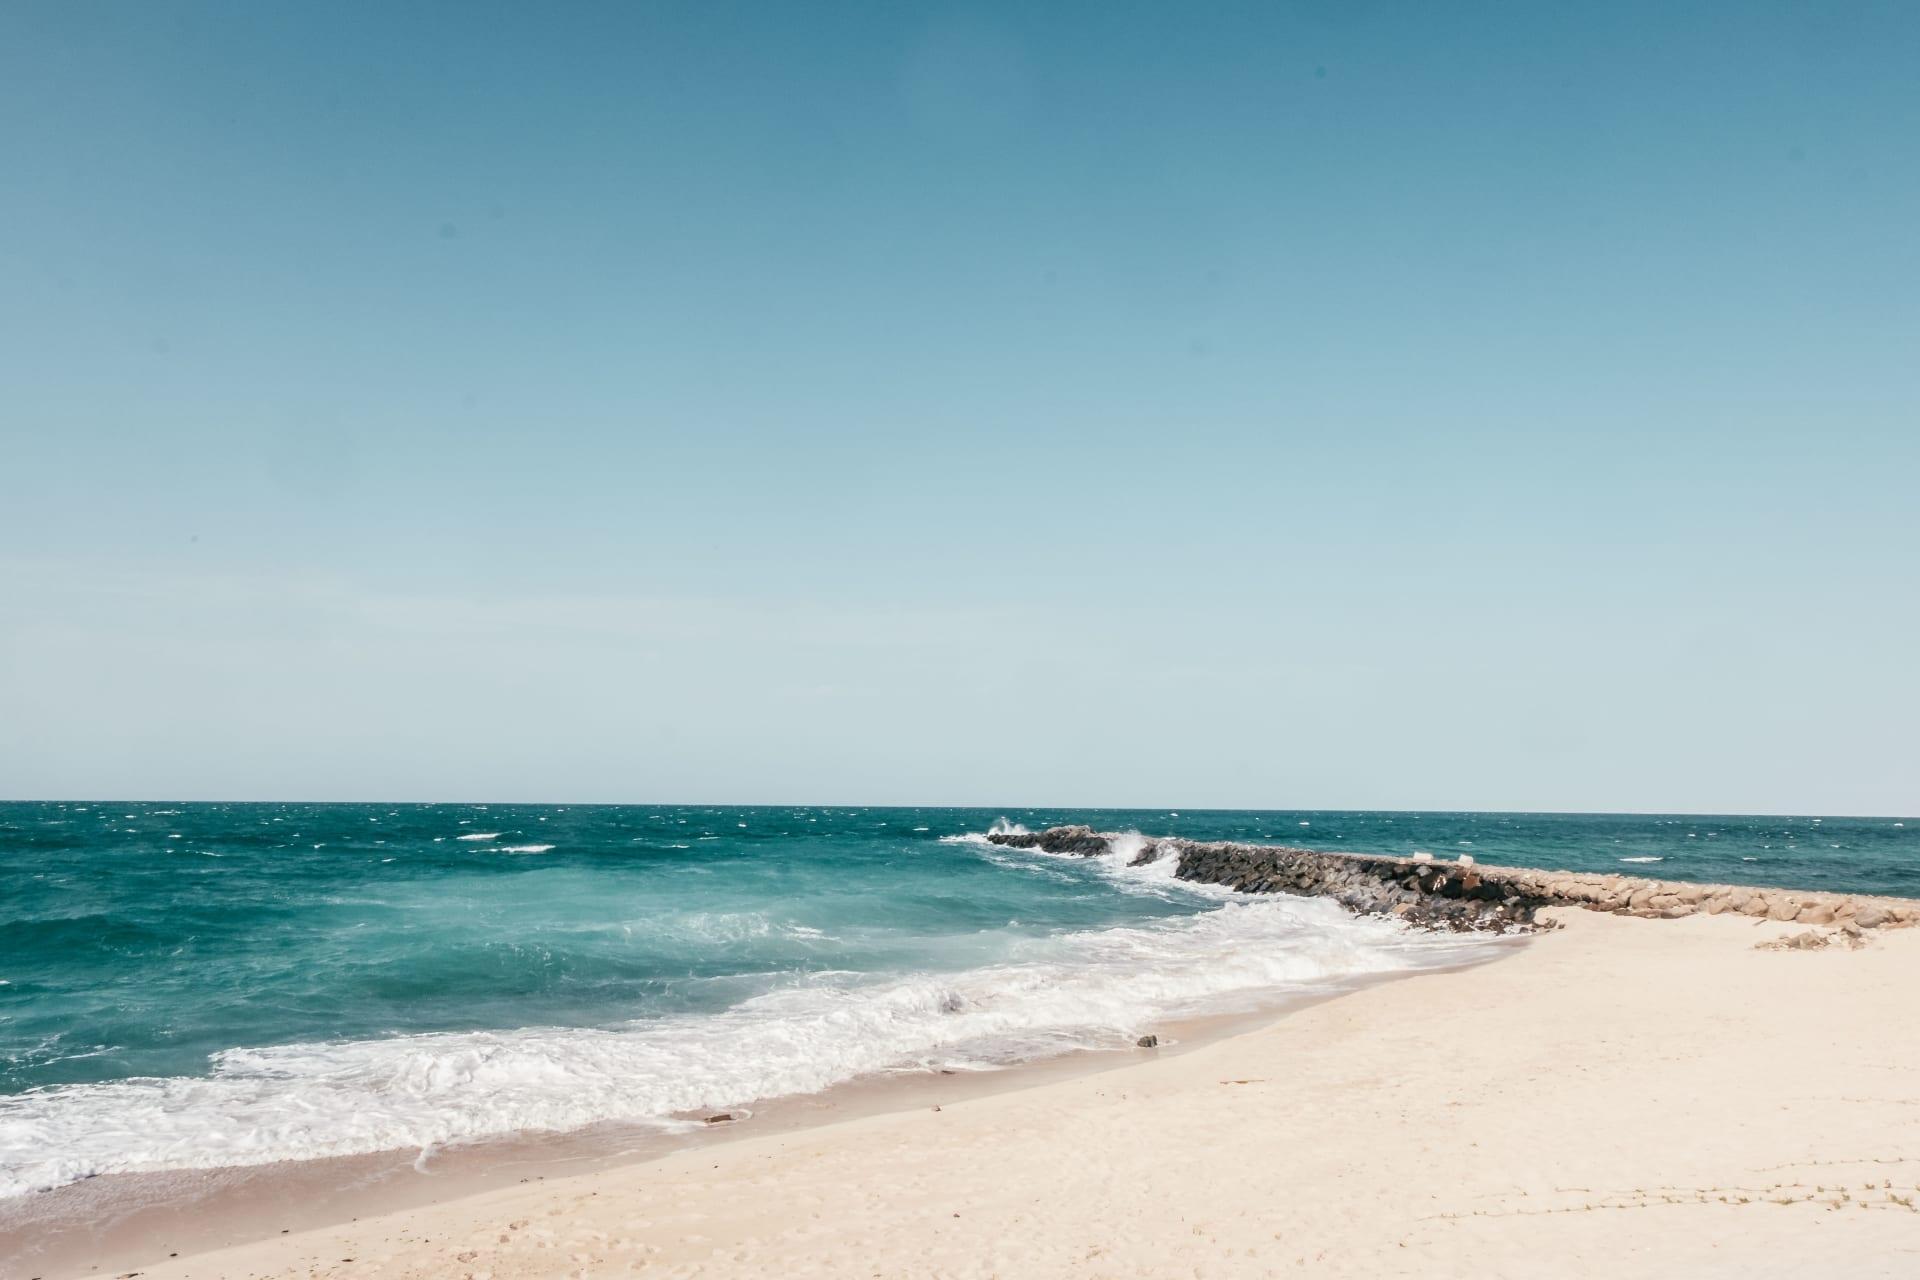 تفصلك عنه رحلة بقارب صغير.. فردوس على الأرض بأبوظبي اشتق اسمه من النور